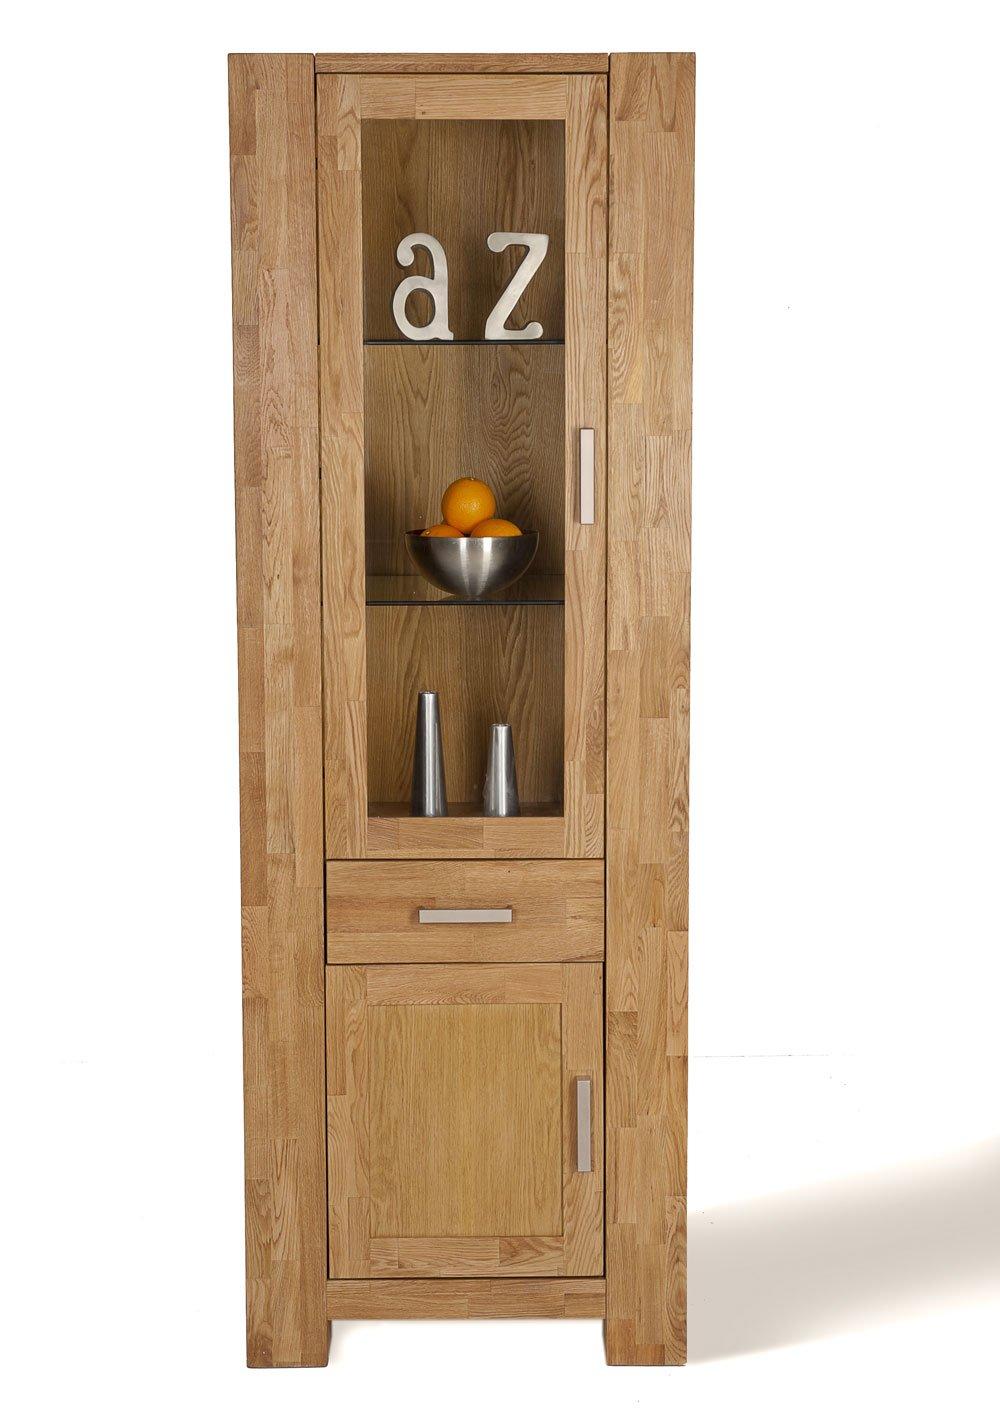 SAM® Schmale teilmassive Wildeiche Glas Vitrine Zeus 1605-01 Linksanschlag Vitrine 190 x 65 cm Glasvitrine mit Glaseinsatz hinter der Glastür eine Schubladen und eine Holztüren mit Holz Einlageboden bereits montiert Auslieferung durch Spedition